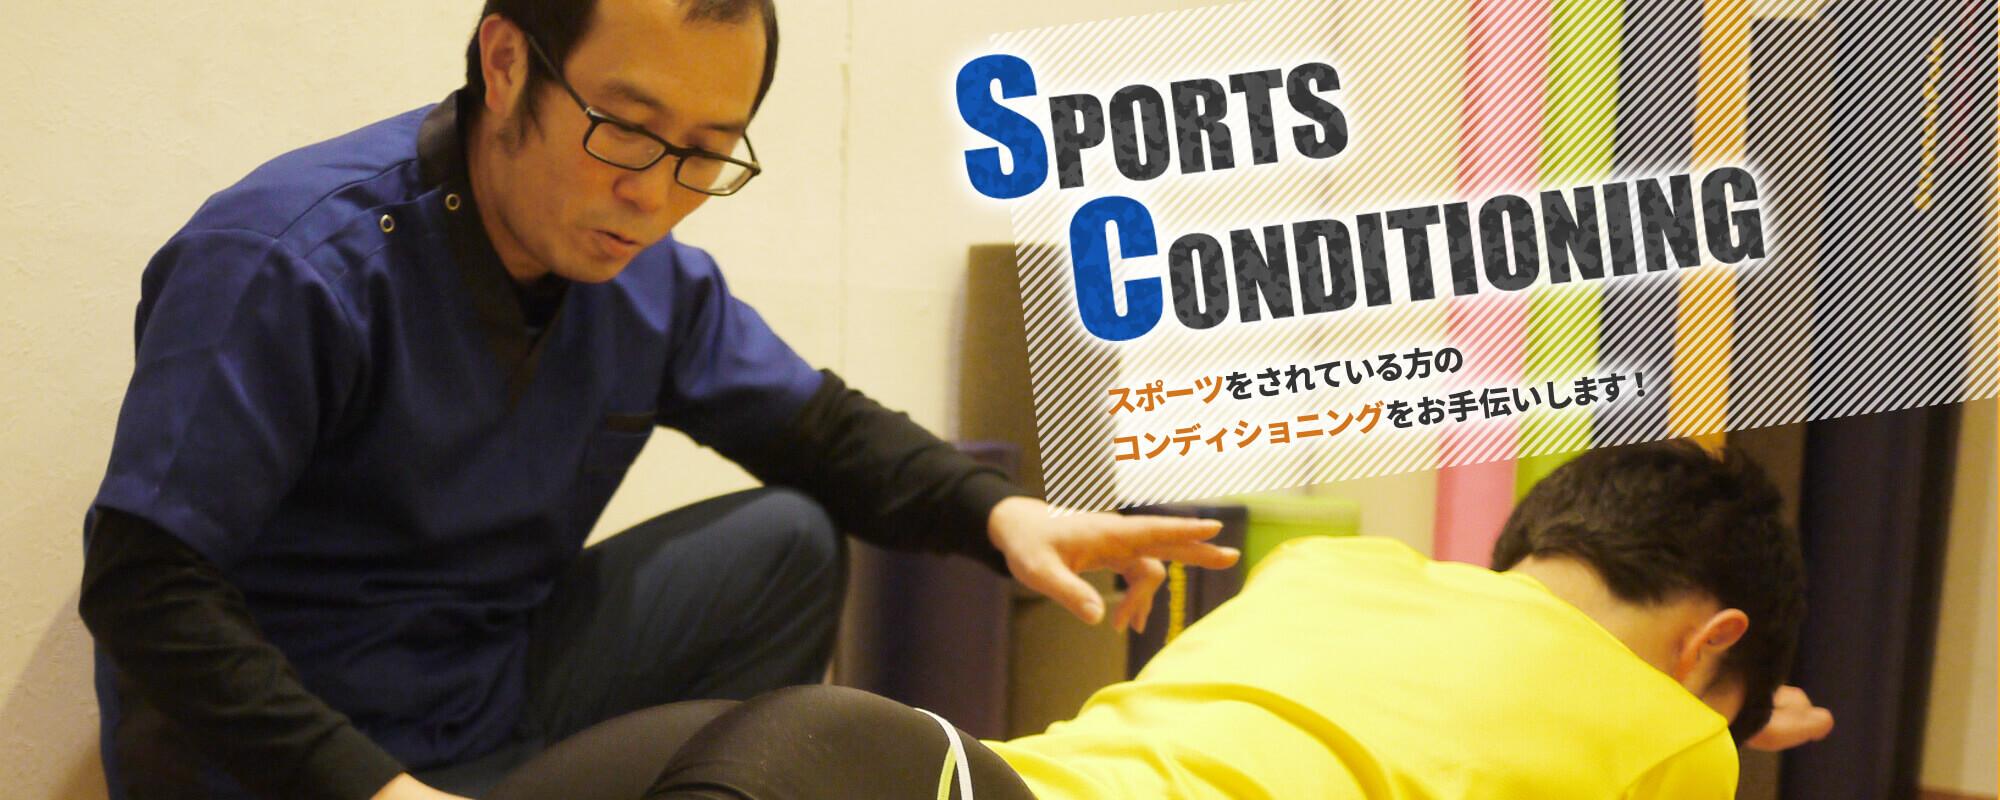 スポーツをされている方のコンディショニングをお手伝いします!